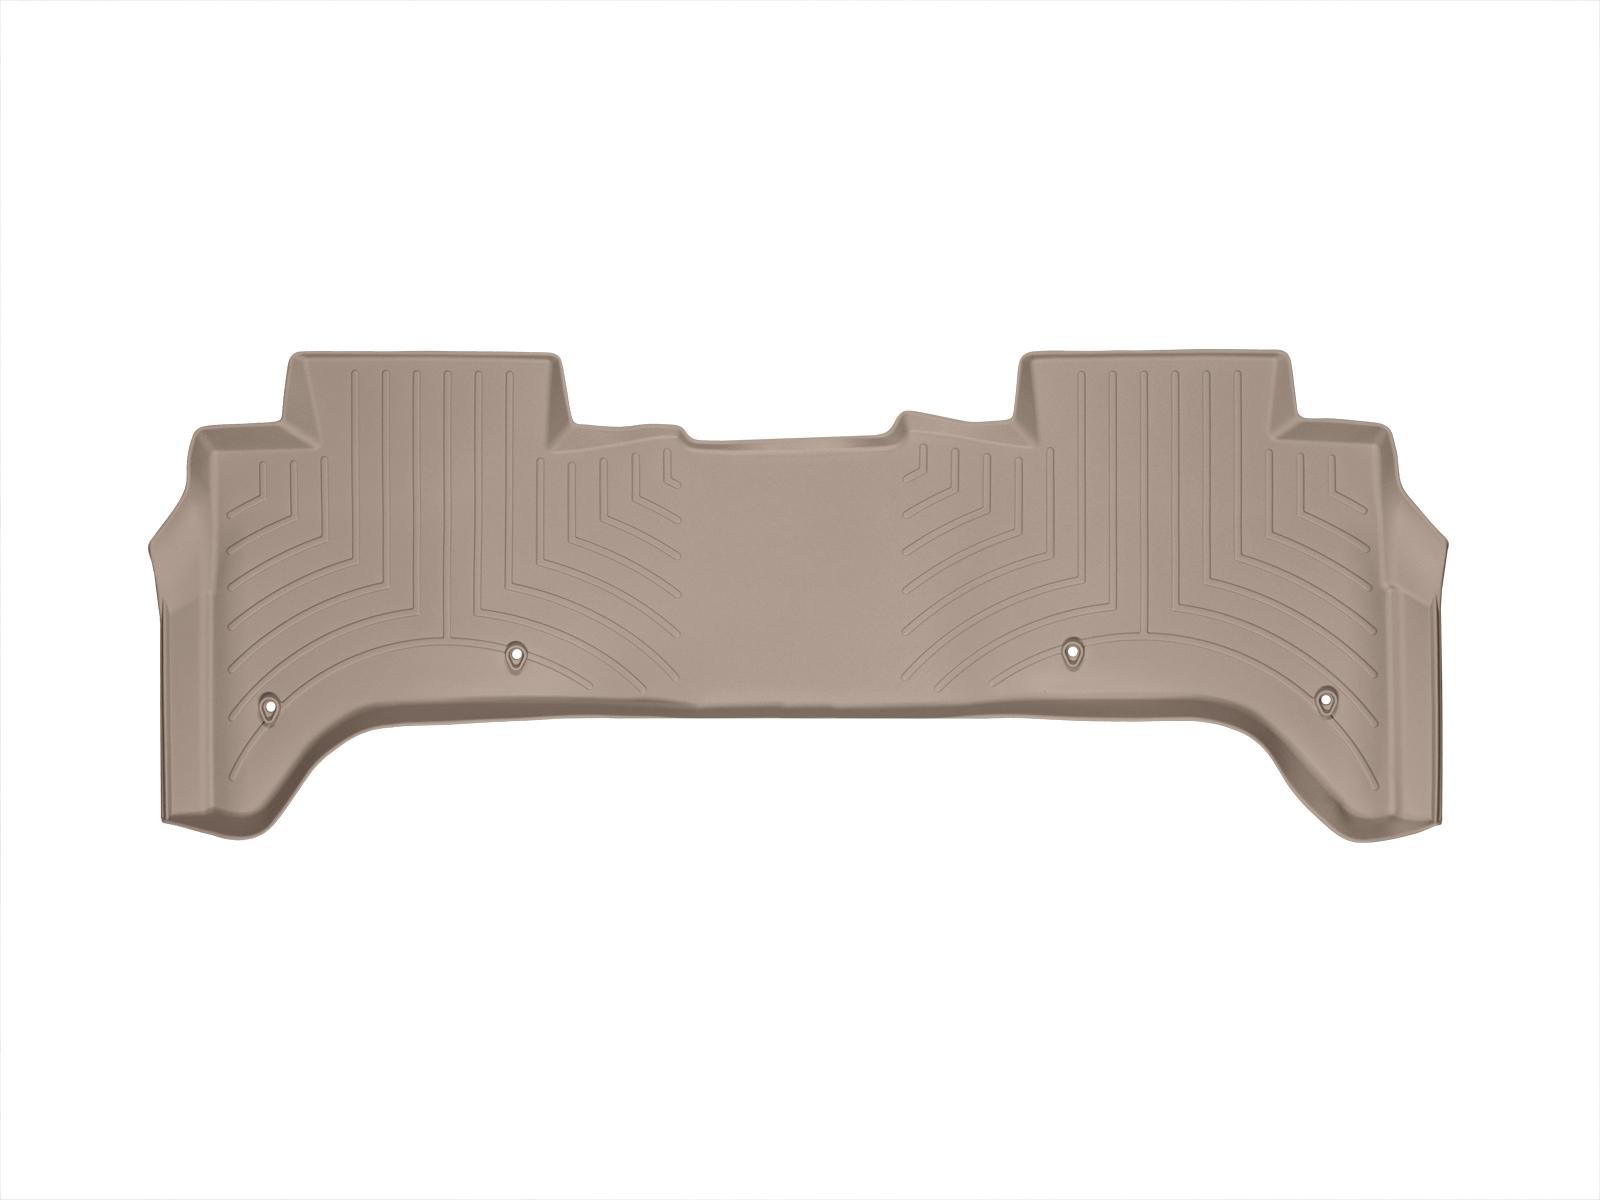 Tappeti gomma su misura bordo alto Land Rover 13>17 Marrone A1986*